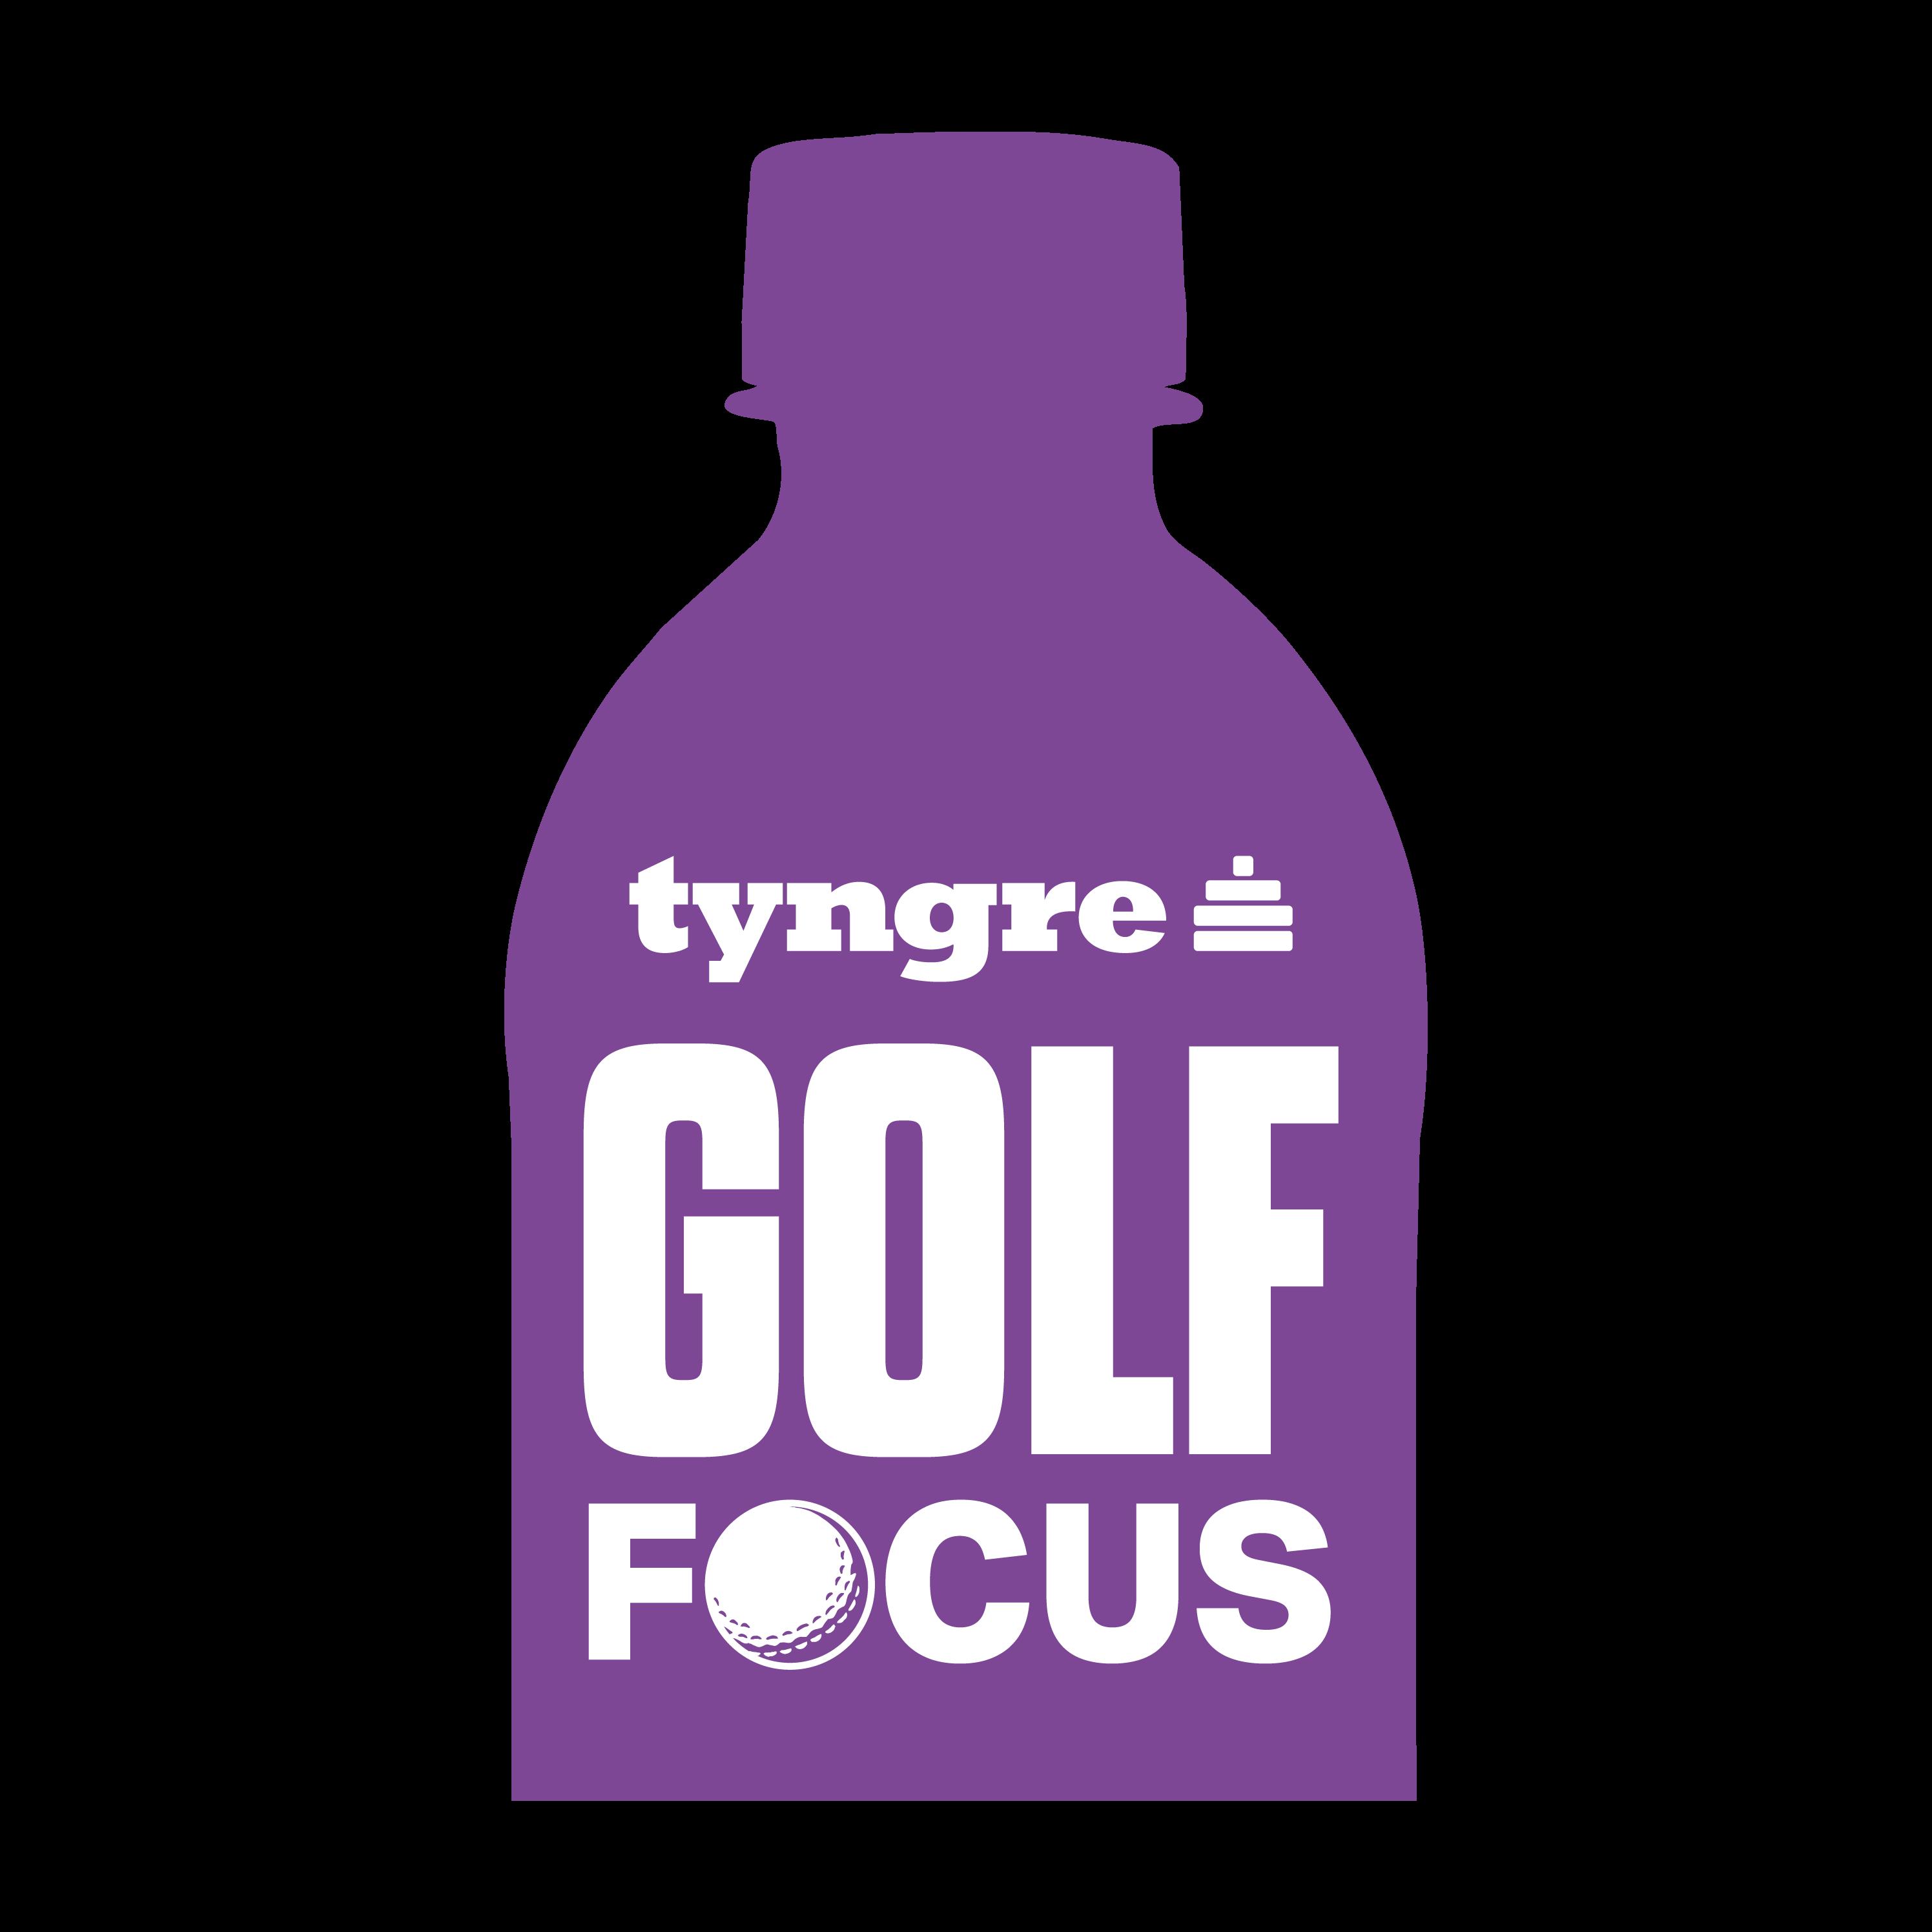 7. Varför älskar vi golf?